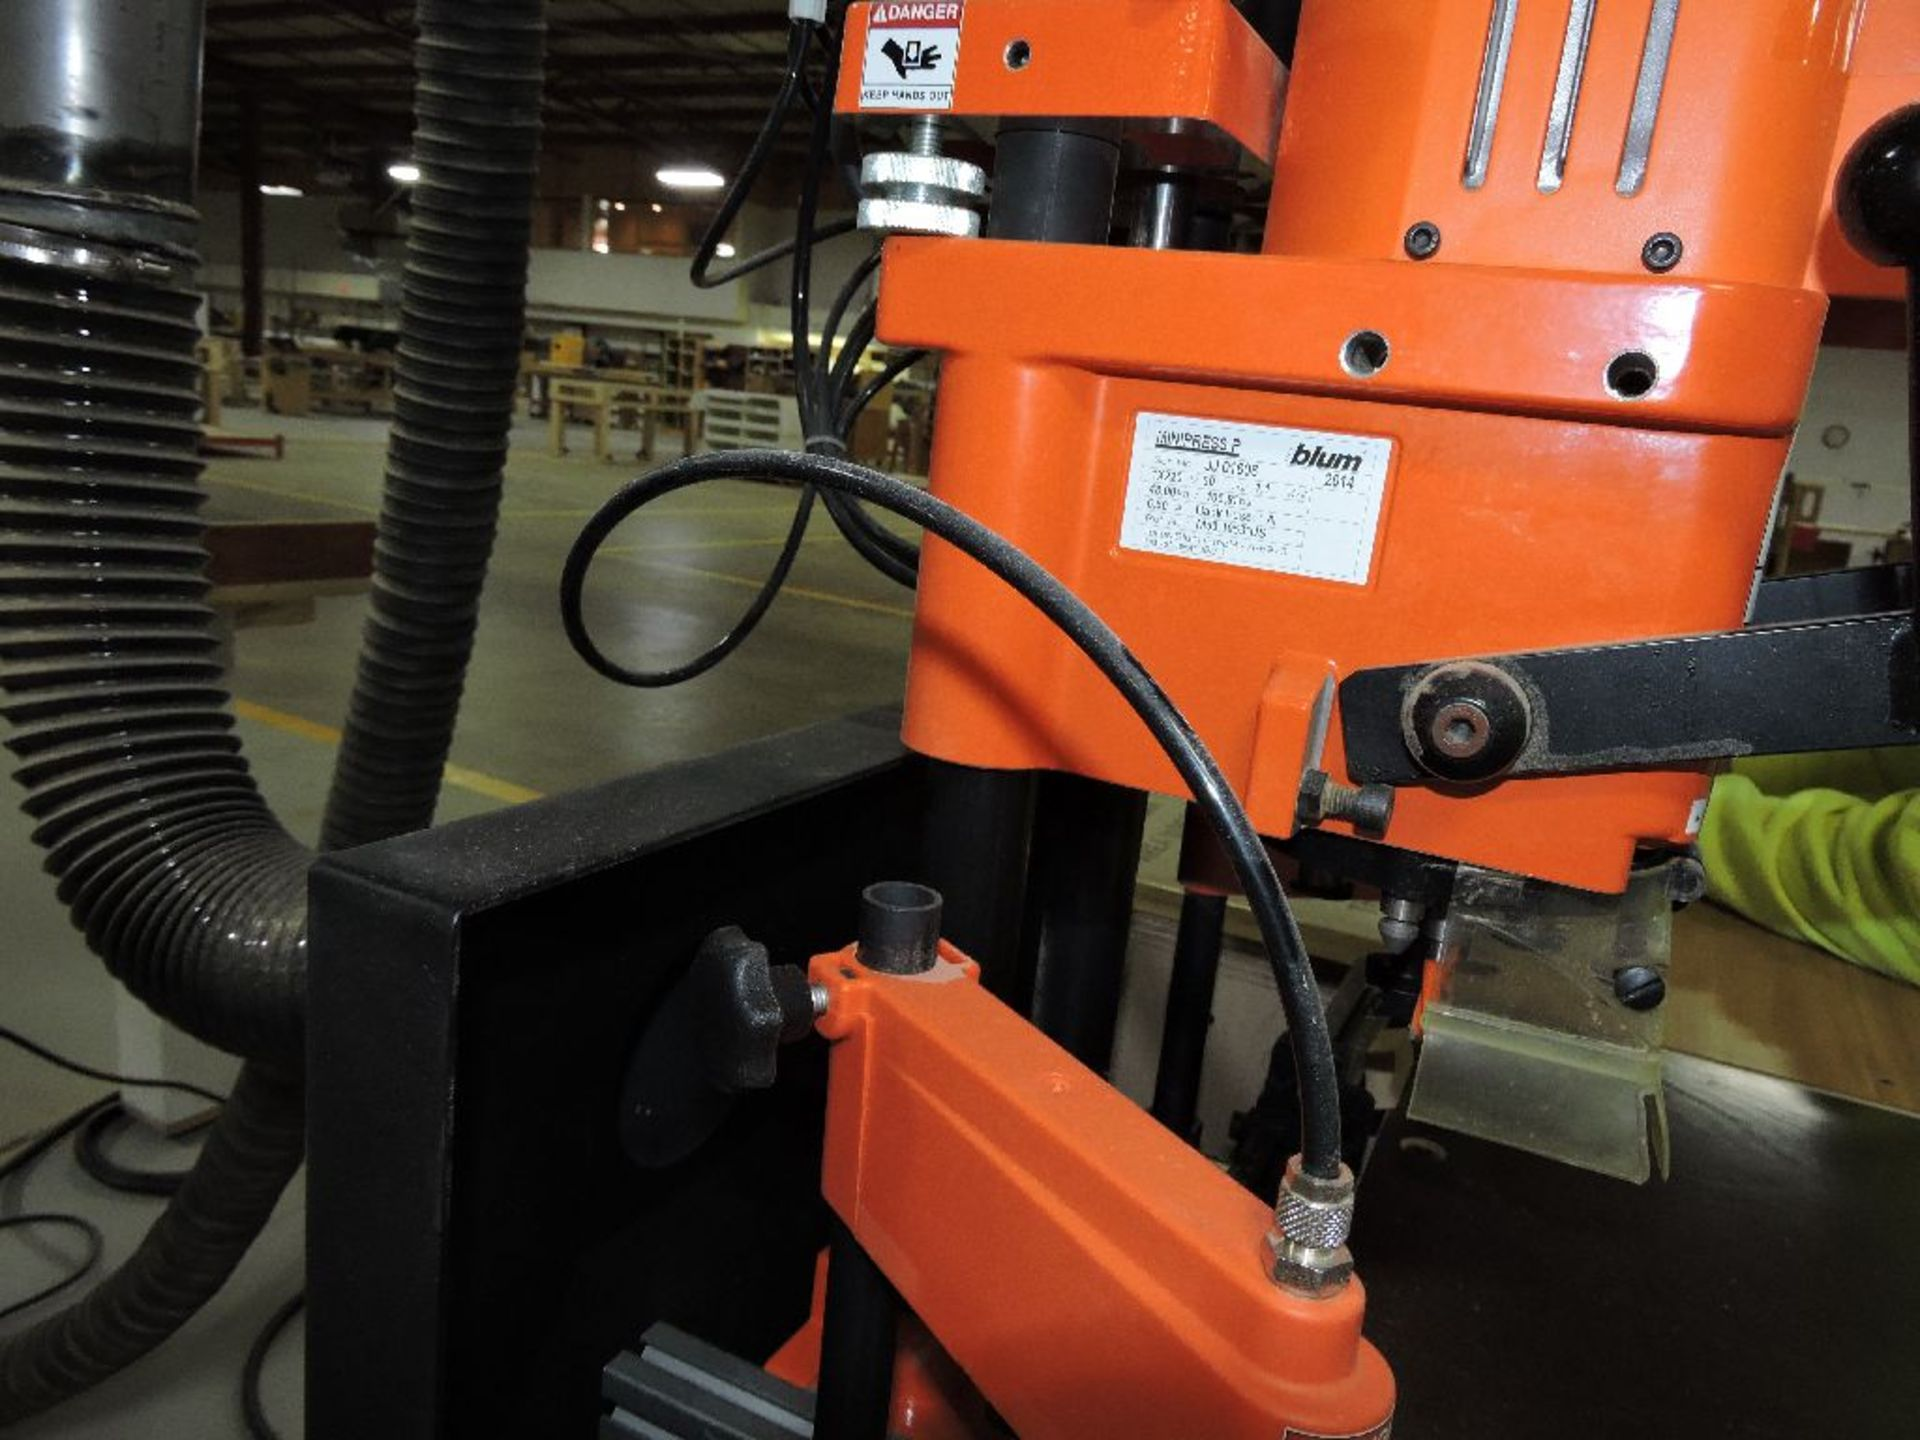 Lot 027 - 2014 Blum mini press hinge machine, sn JJ01606.